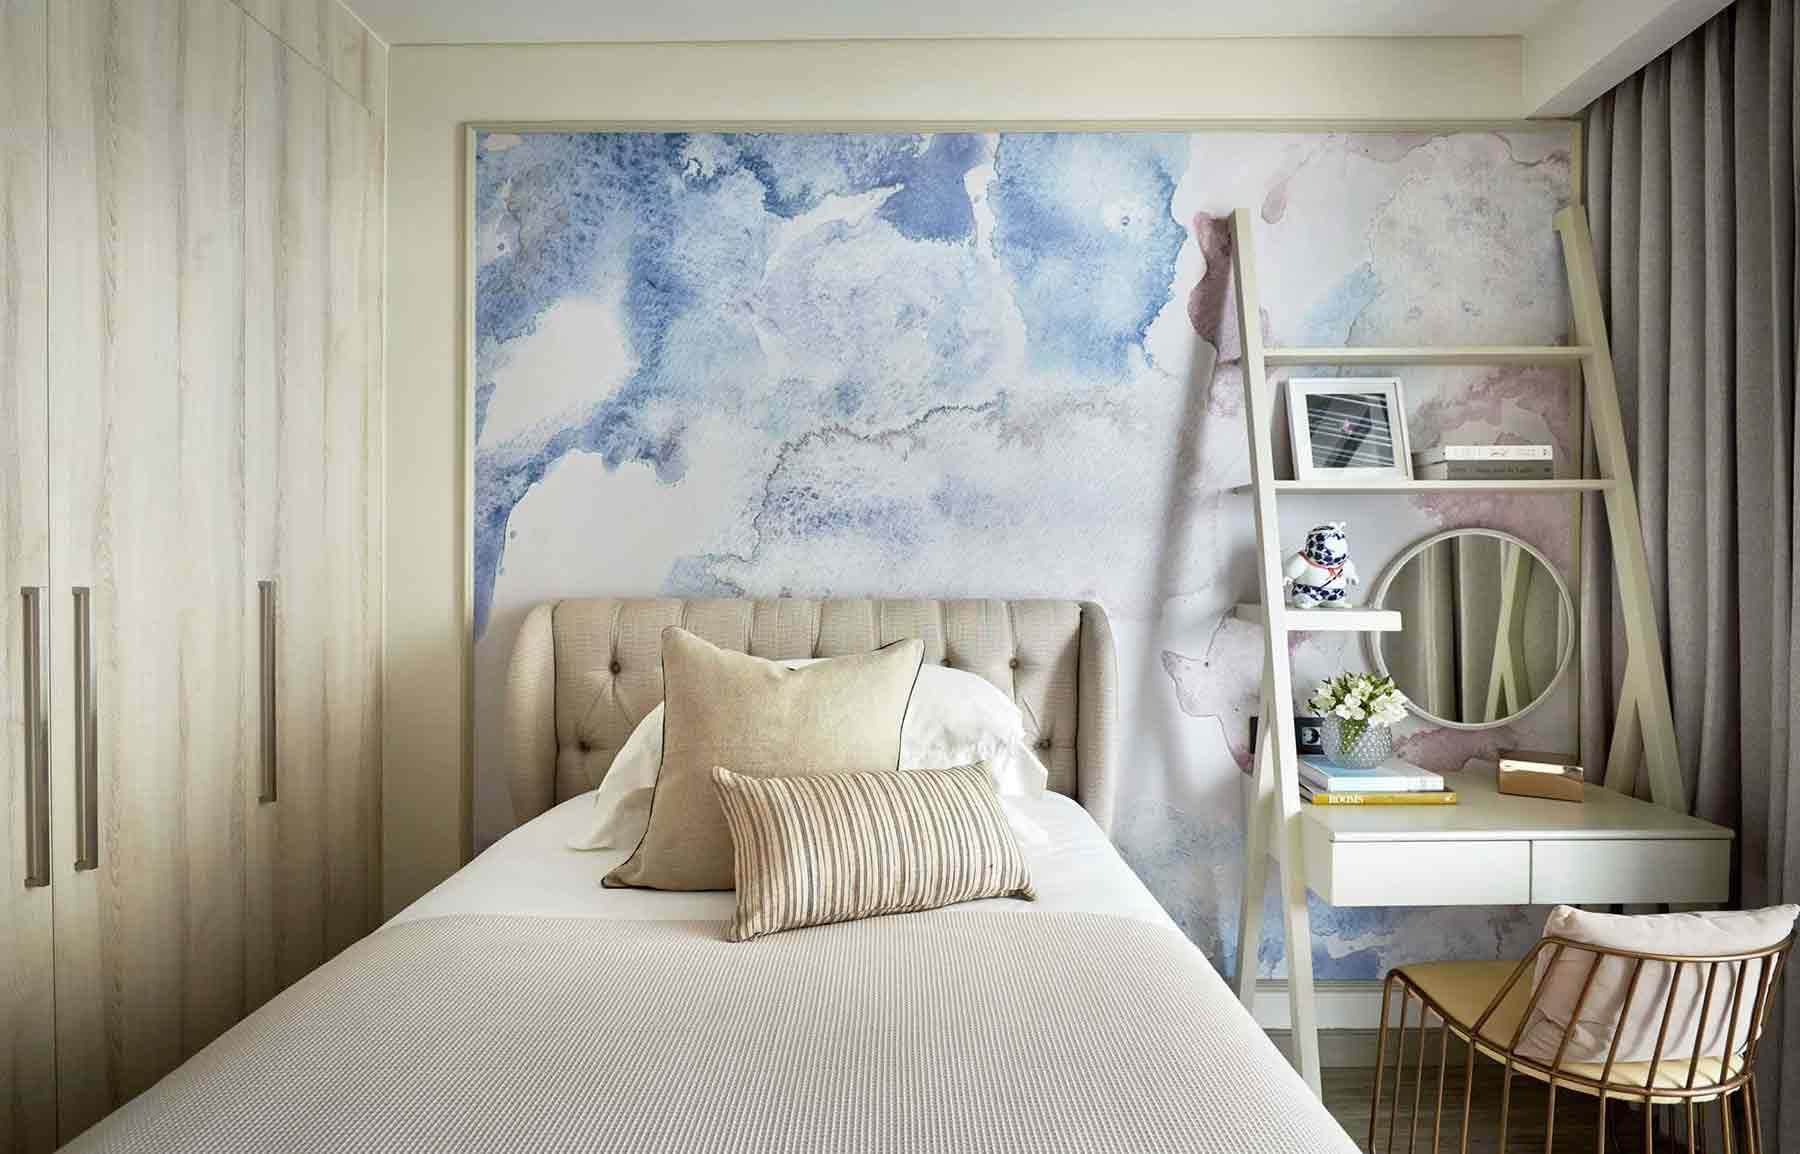 Dinding aksen dengan warna biru dan pink pastel yang hadir dalam bentuk abstrak yang super fun dan artistik, kamar tidur karya Hello Embryo, via arsitag.com